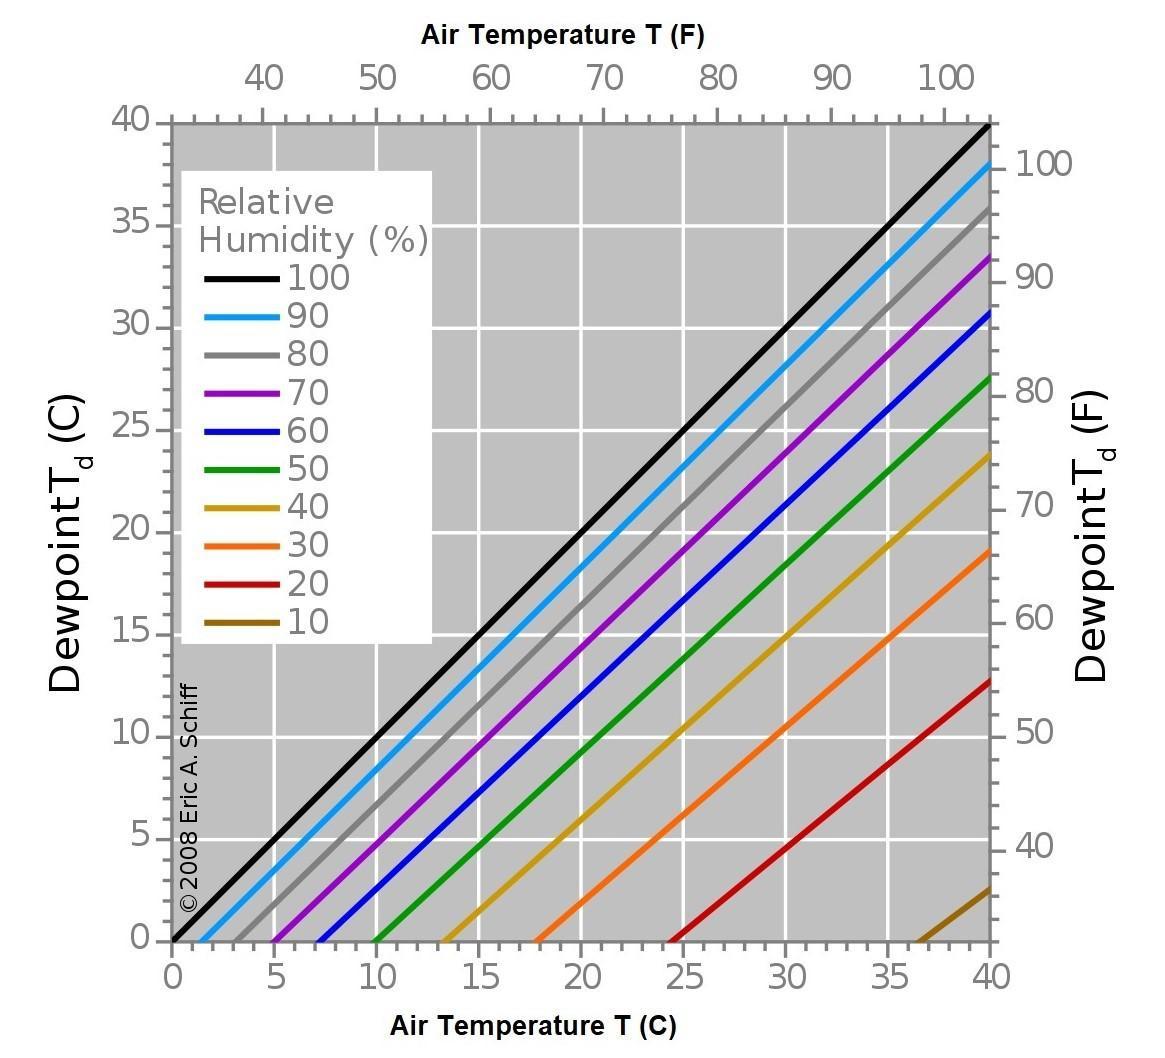 Thông tin điểm sương và nhiệt độ dùng để điều khiển hệ thống